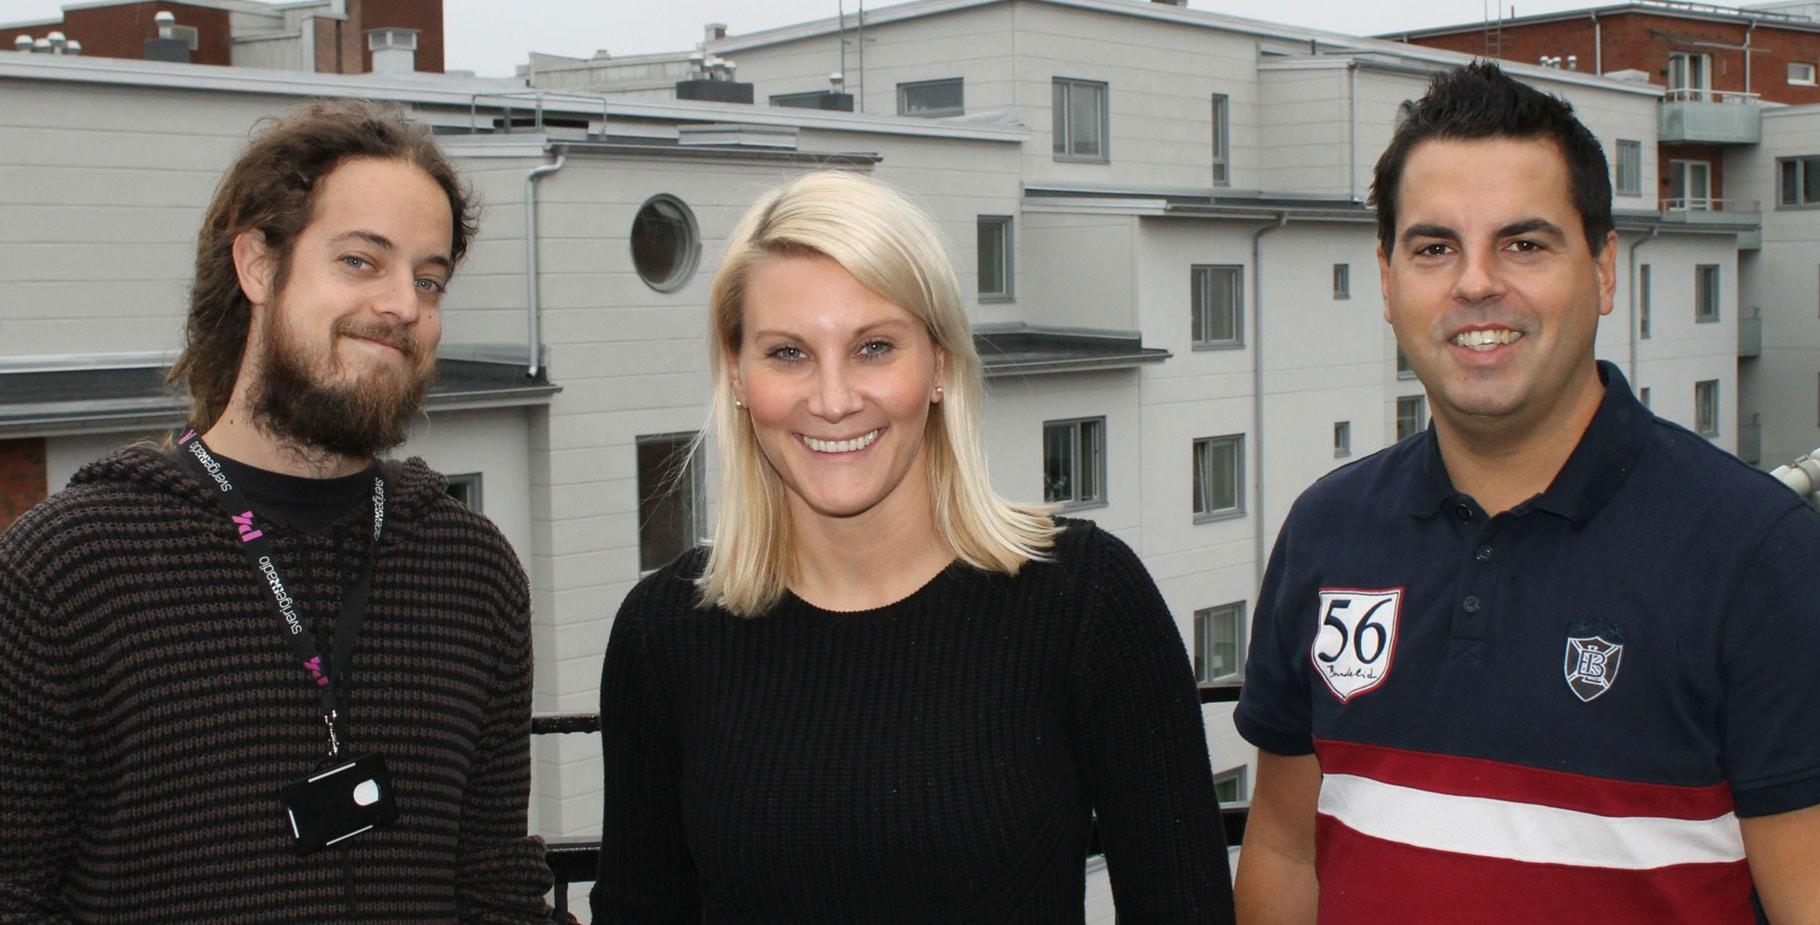 Med Anna Bergh, Fredrik Almryd och Andreas Svensson